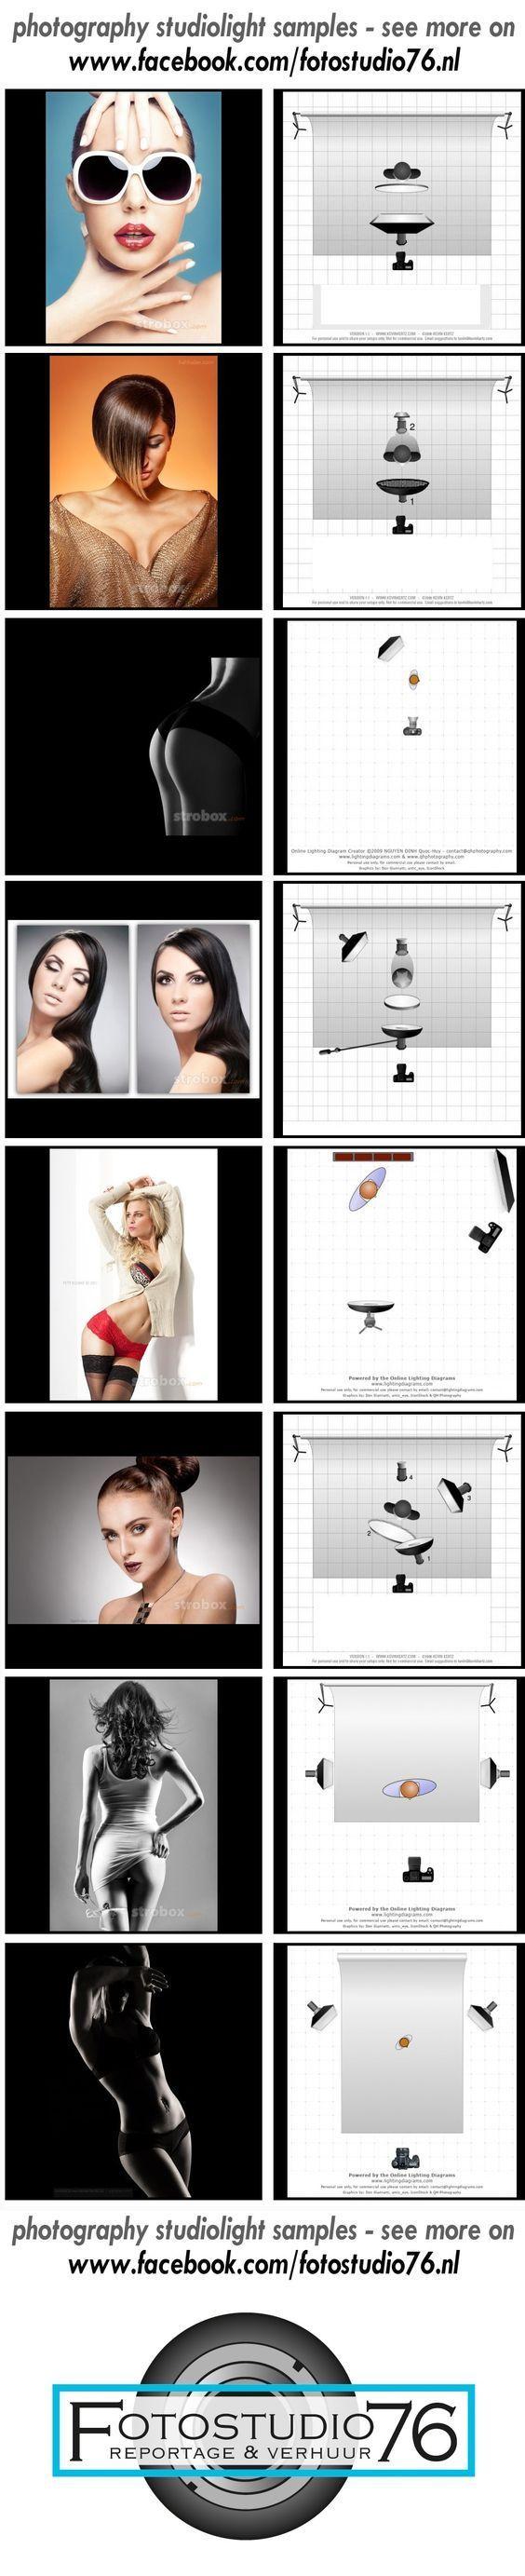 Geniales consejos de iluminación y fotografía photography studio light samples